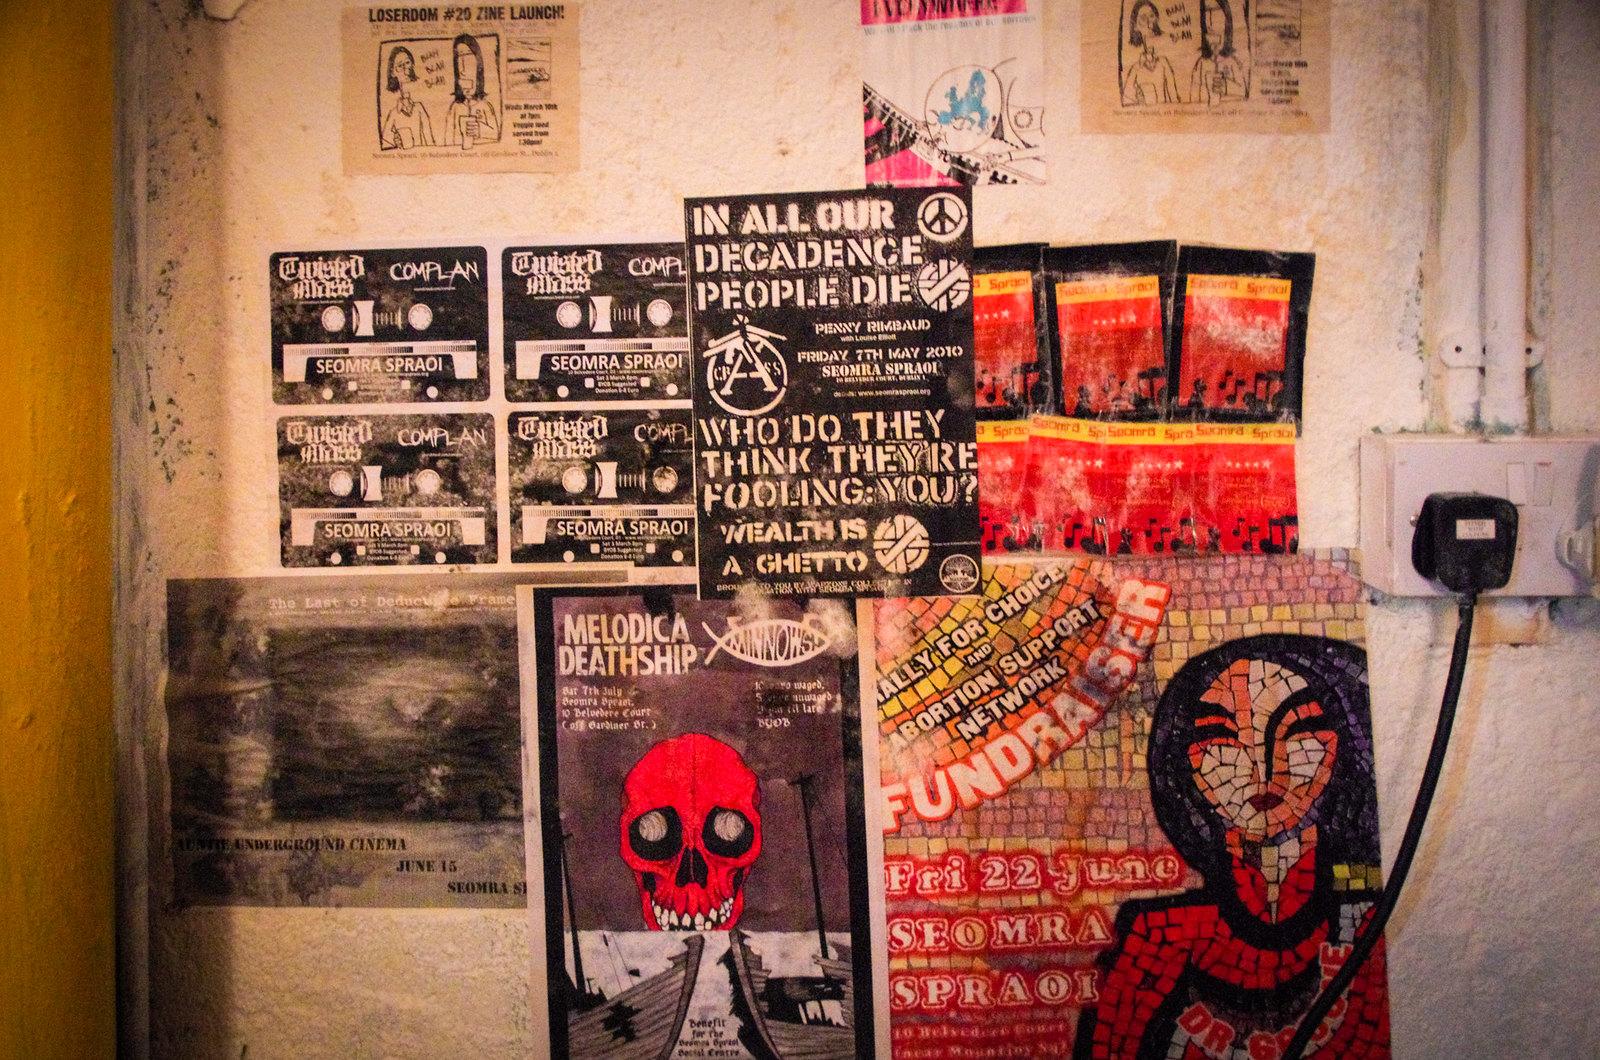 Dublin alternatif - Seomra Spraoi - Politics on the wall